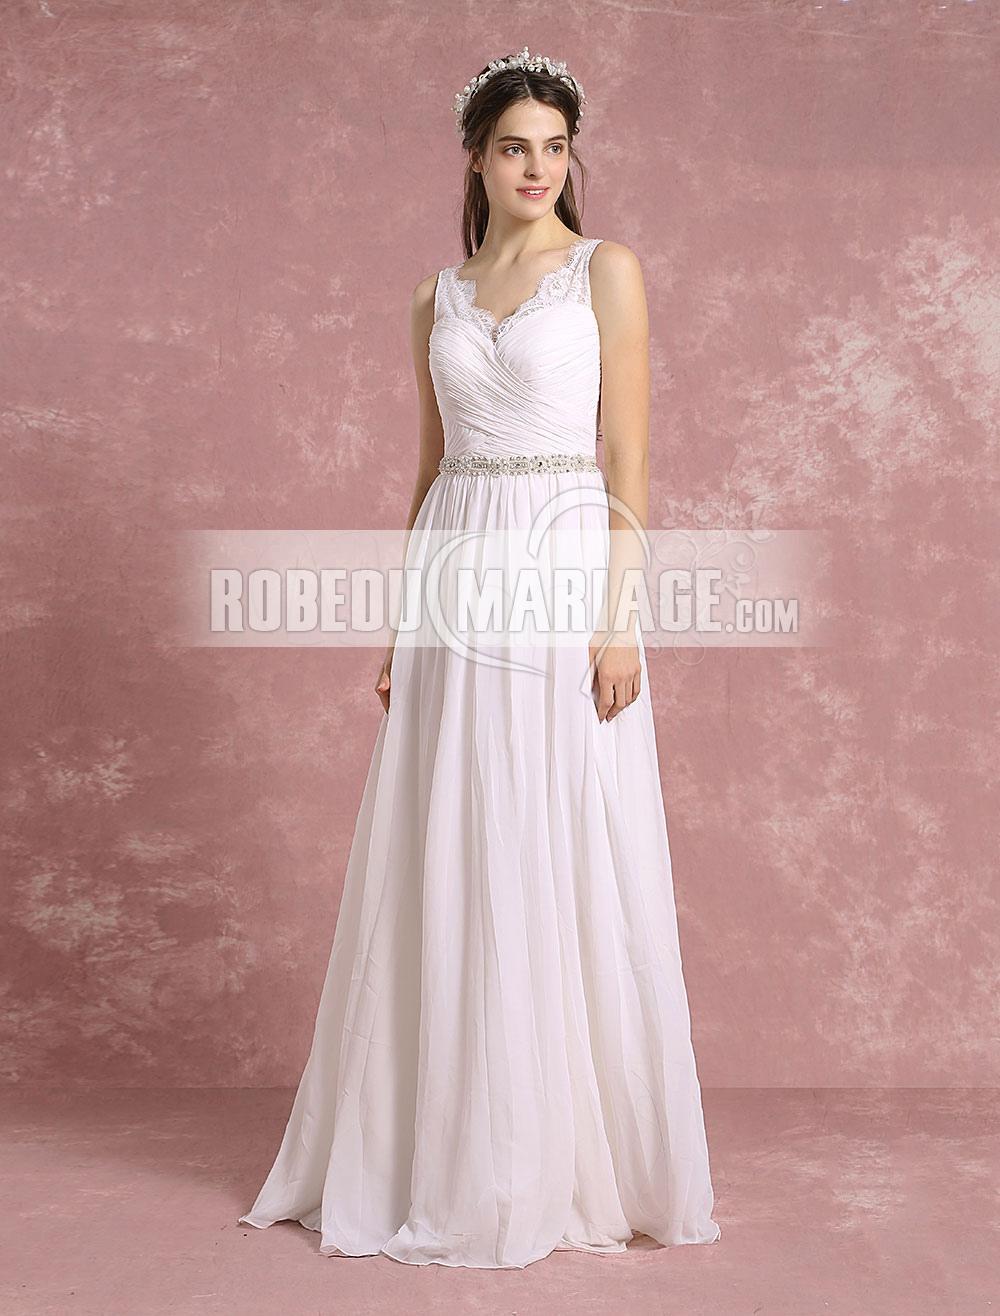 Robe de mariée Robe de mariée élégants Strass et perles sur la taille